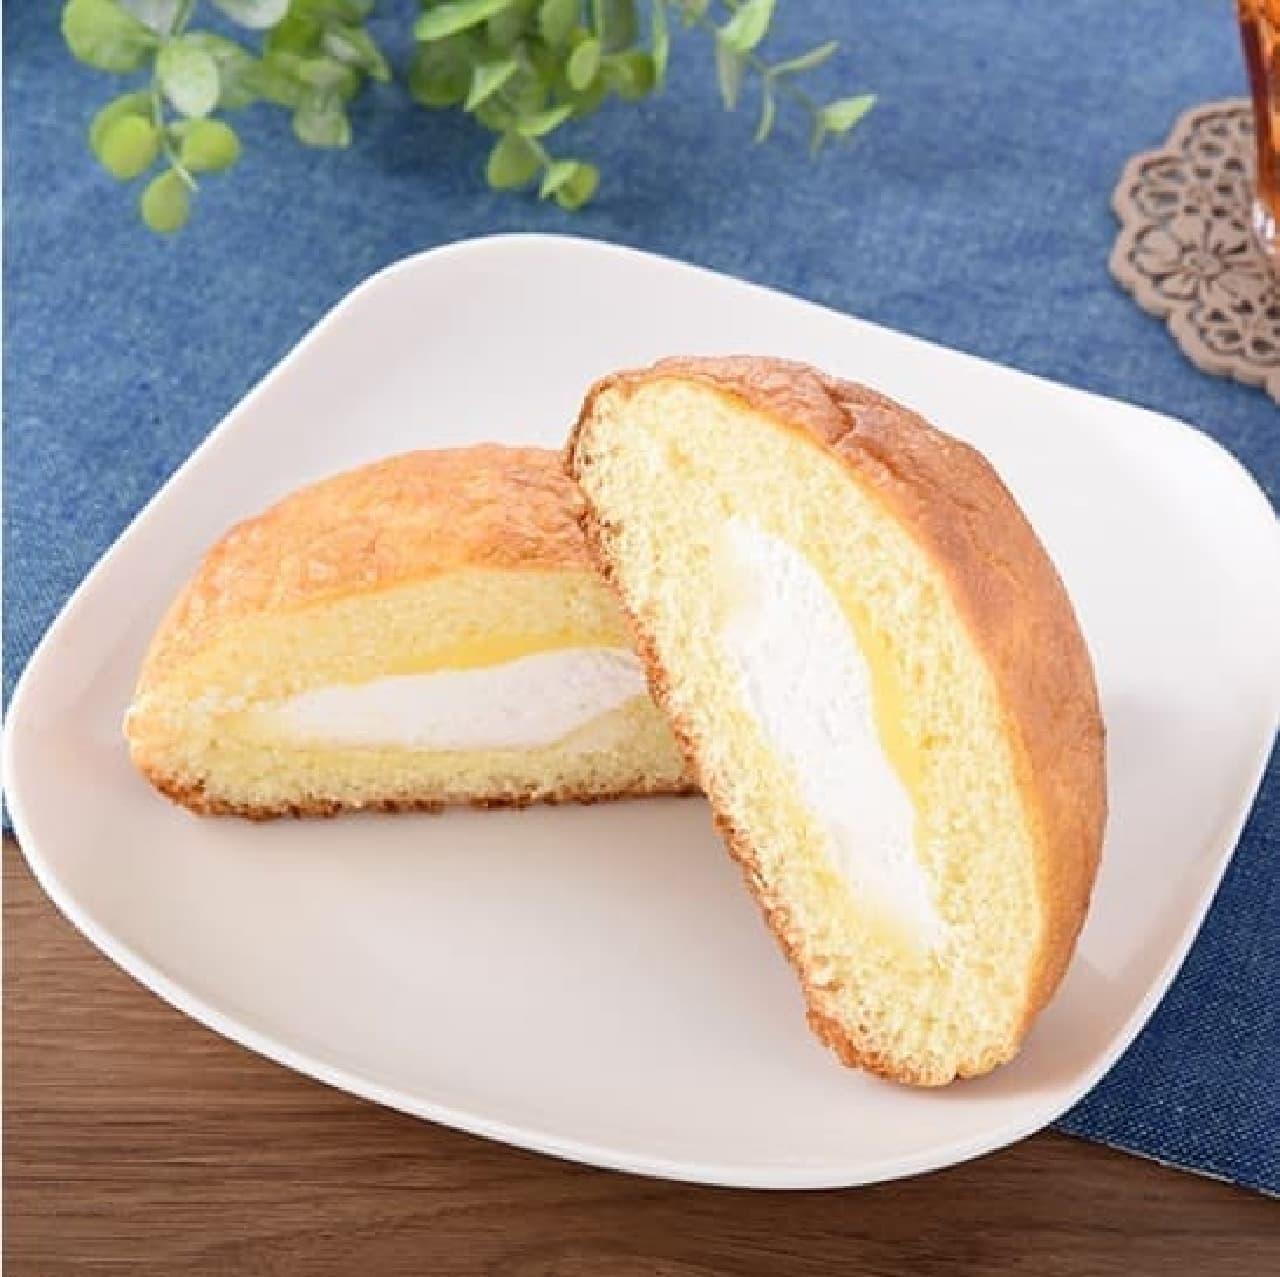 ファミリーマート「シュークリームみたいなパン(Wクリーム)」